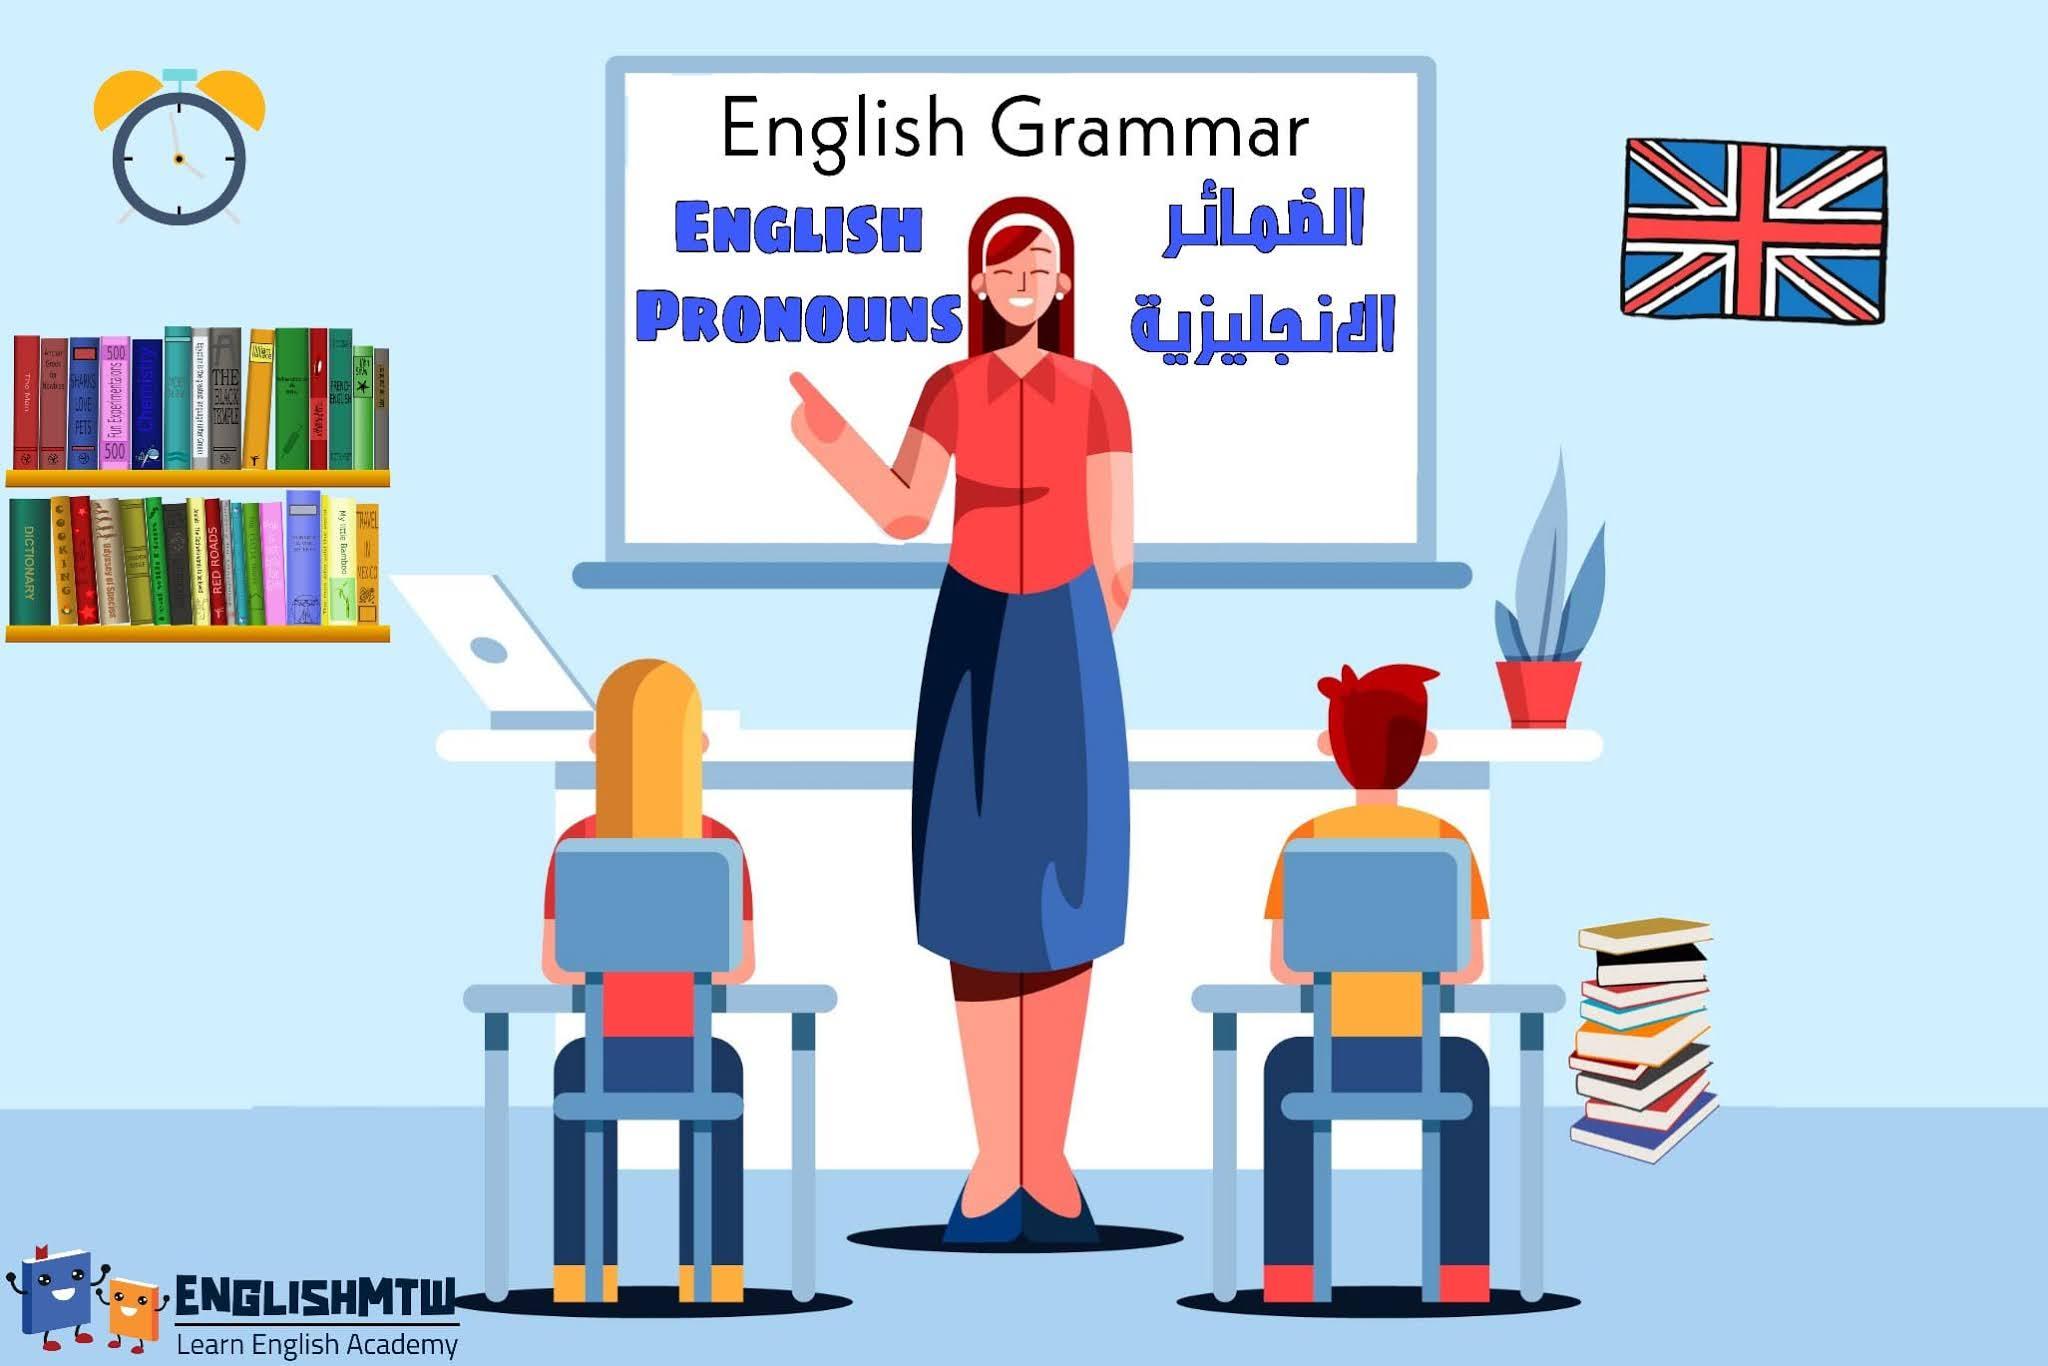 الضمائر في اللغة الانجليزية للمبتدئين : الدليل النهائي لإتقانهم جميعًا